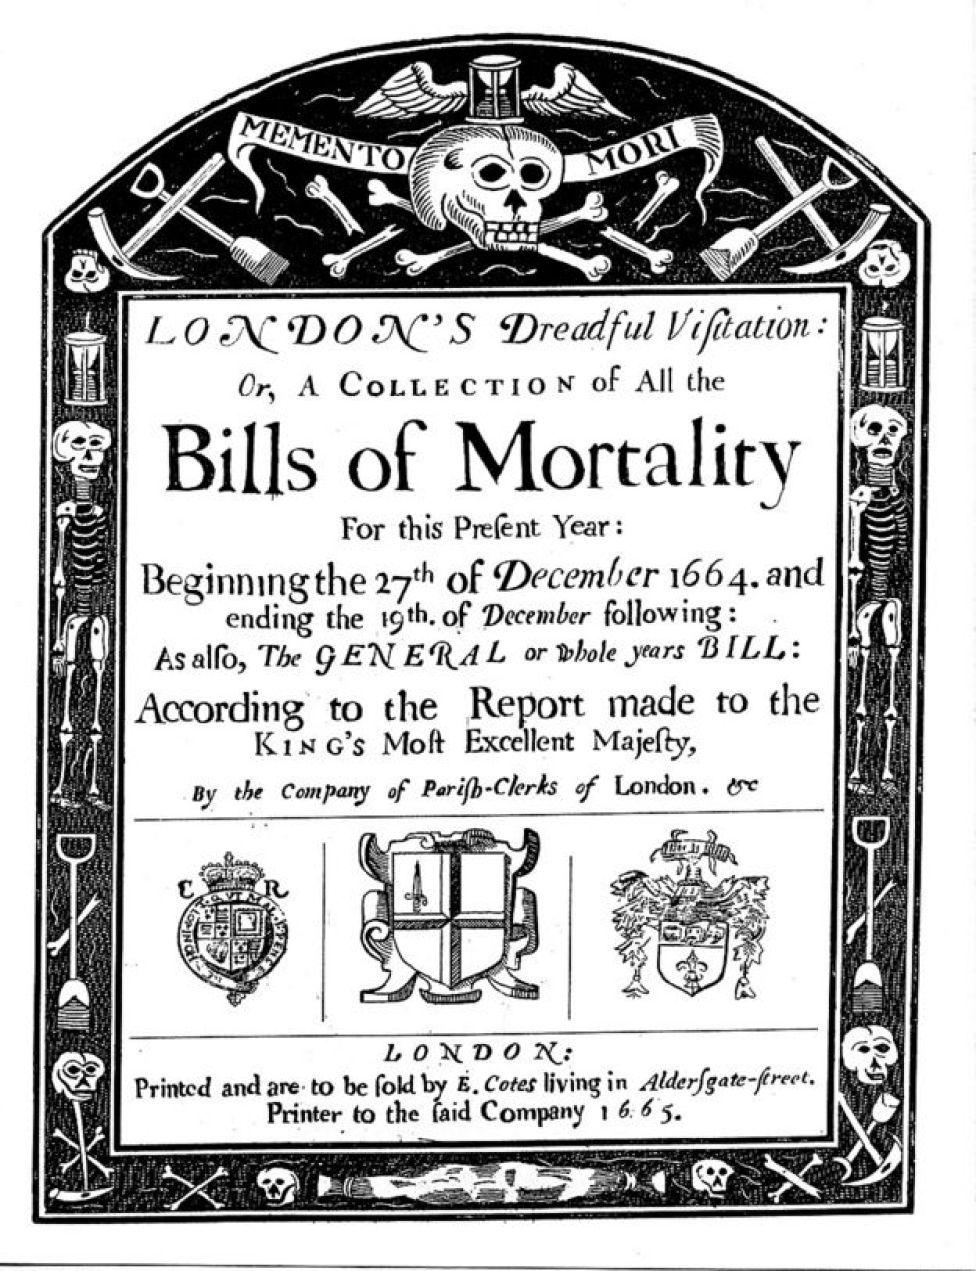 Un bill of mortality